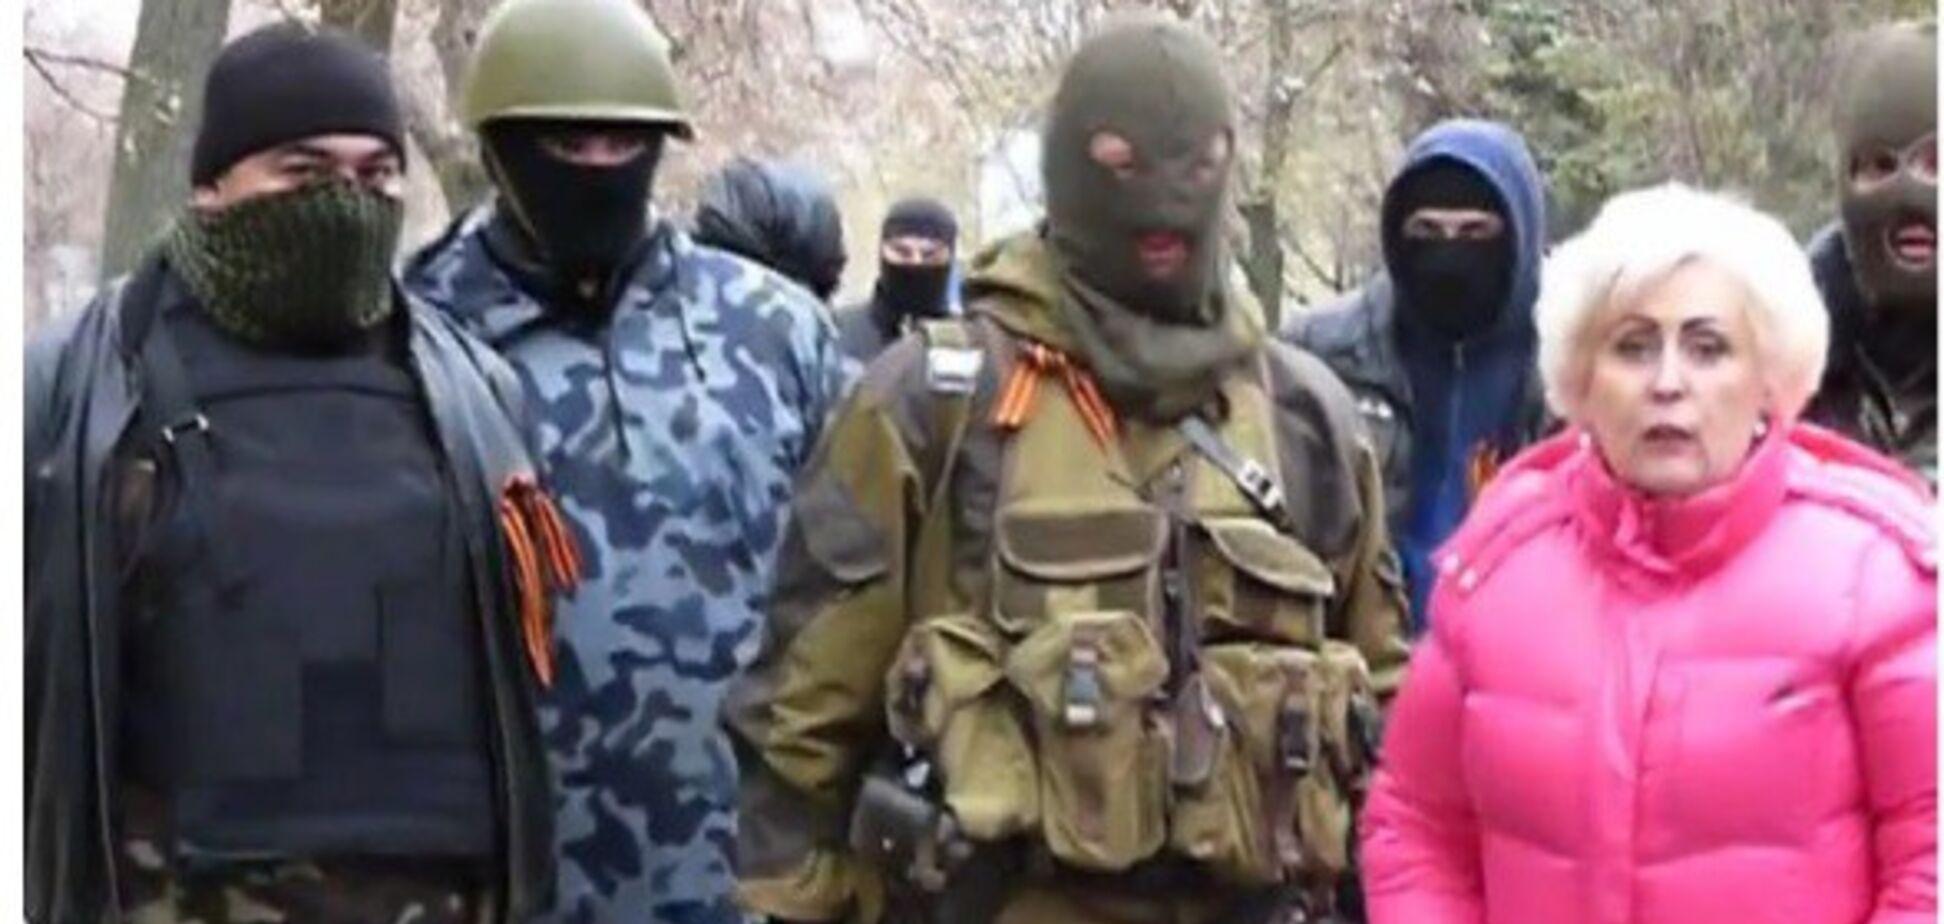 Геращенко розкрила нові подробиці про зв'язки Штепи з терористами